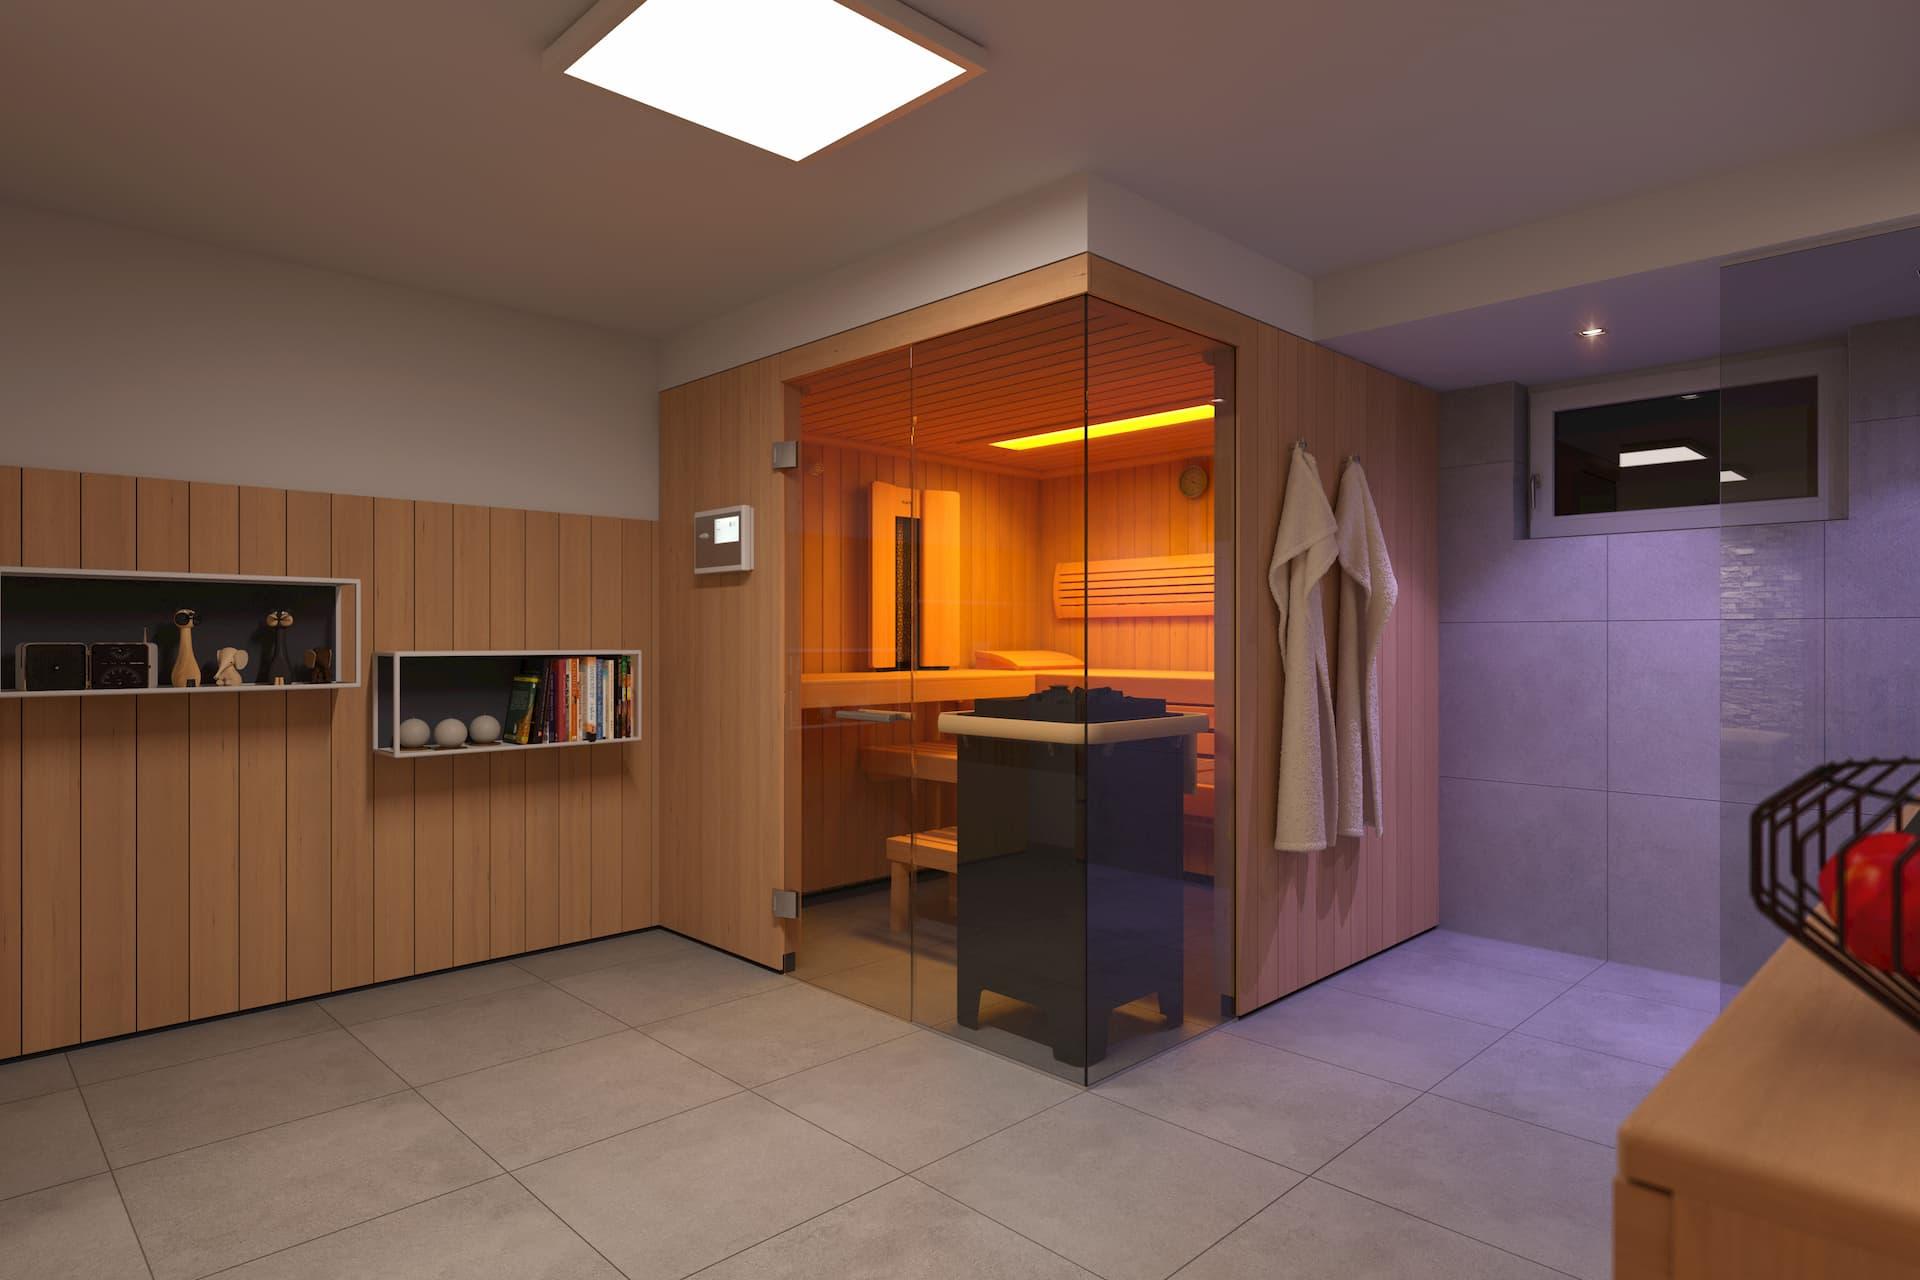 Privater Wellnessbereich mit Blick auf die Sauna